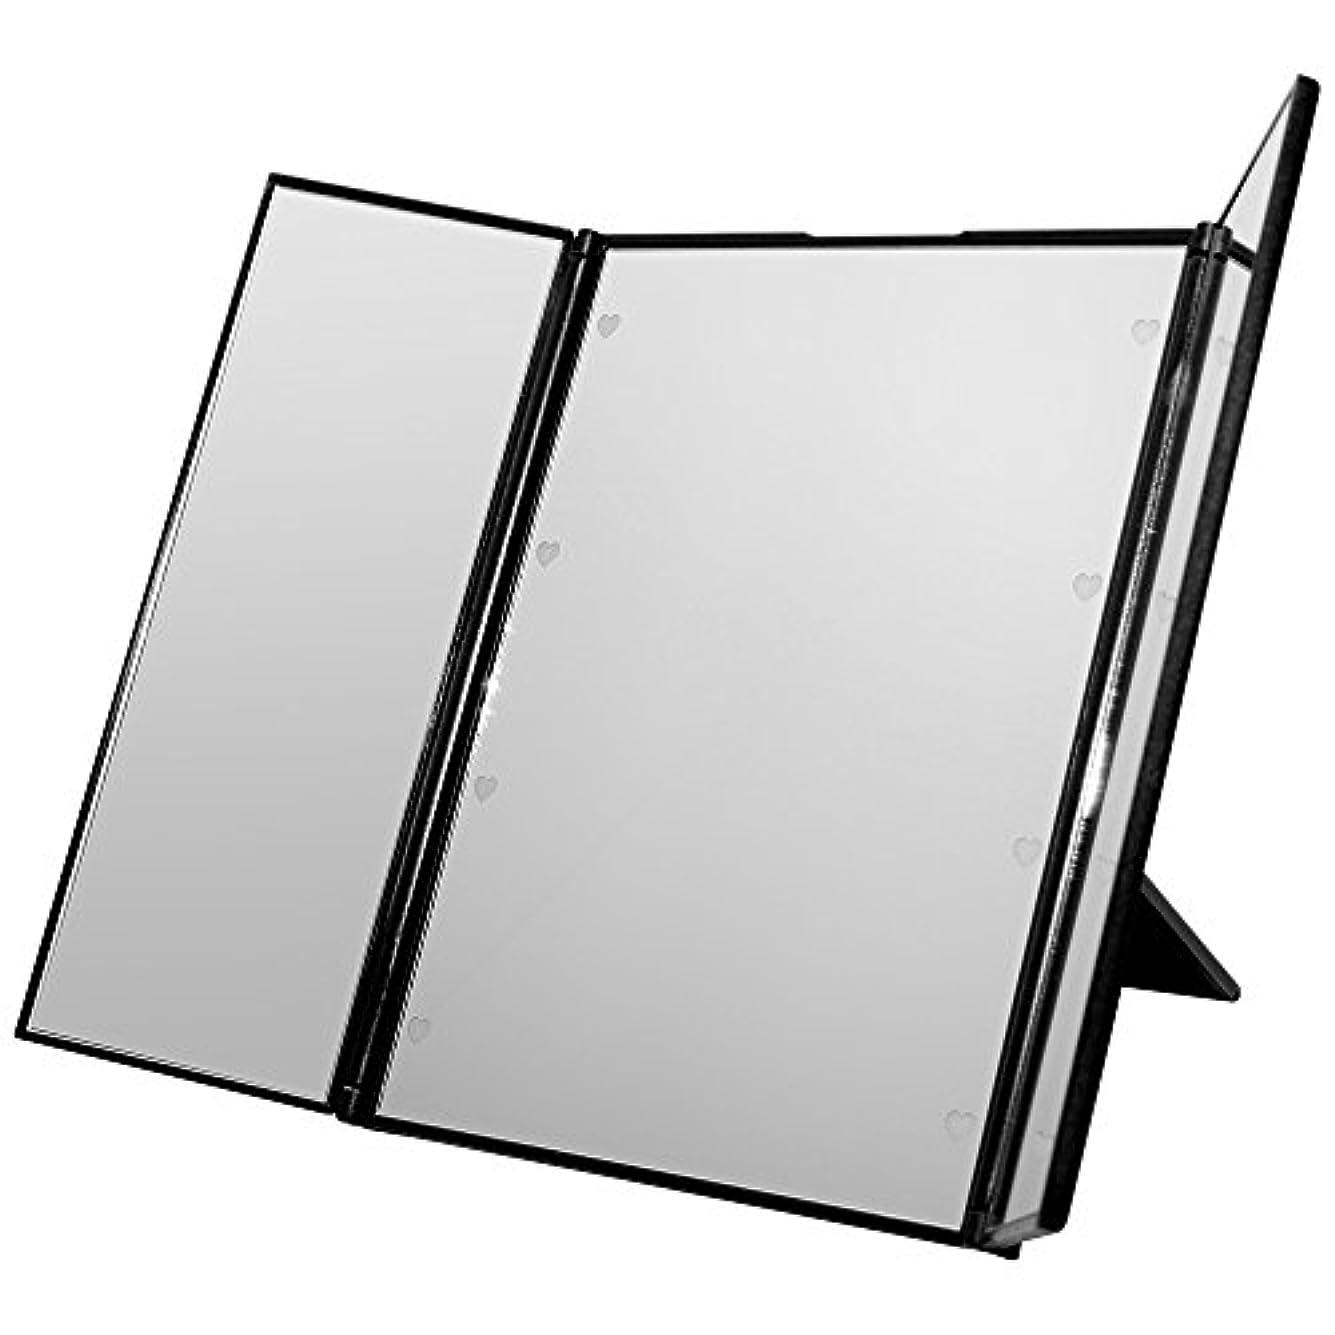 通信網極めてスプーンGoodsLand 【 ハート型 LED ライト付 】 卓上 折りたたみ 三面鏡 大型 大きい かわいい スタンド ミラー メイク アップ ブライトニング GD-LED-3MR-BK